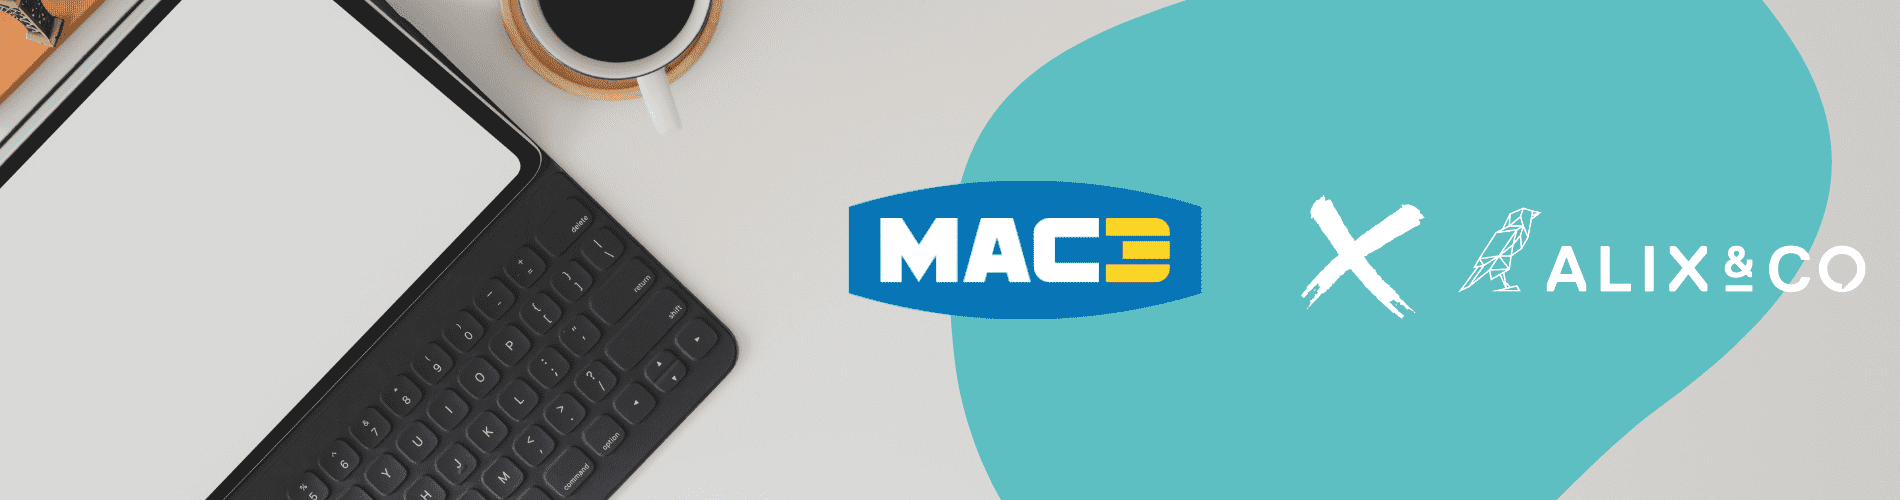 Mac 3 x Alix&Co